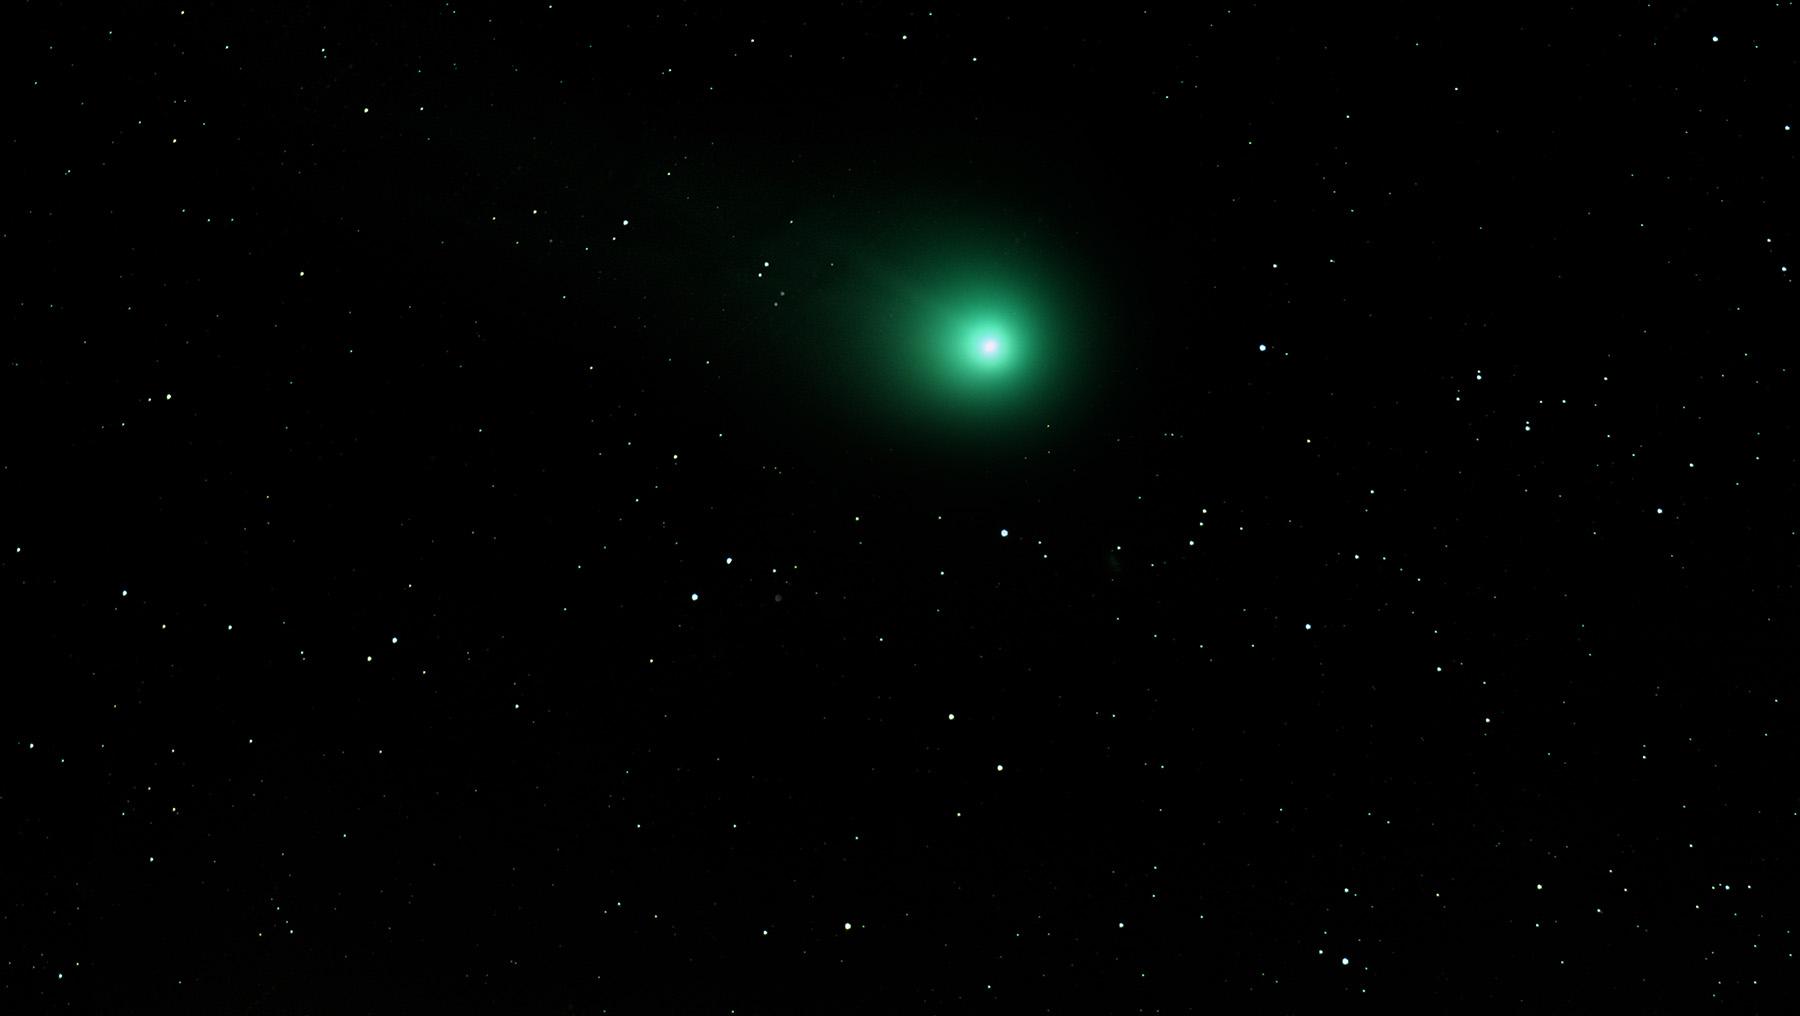 Lovejoy_comet_stars_k